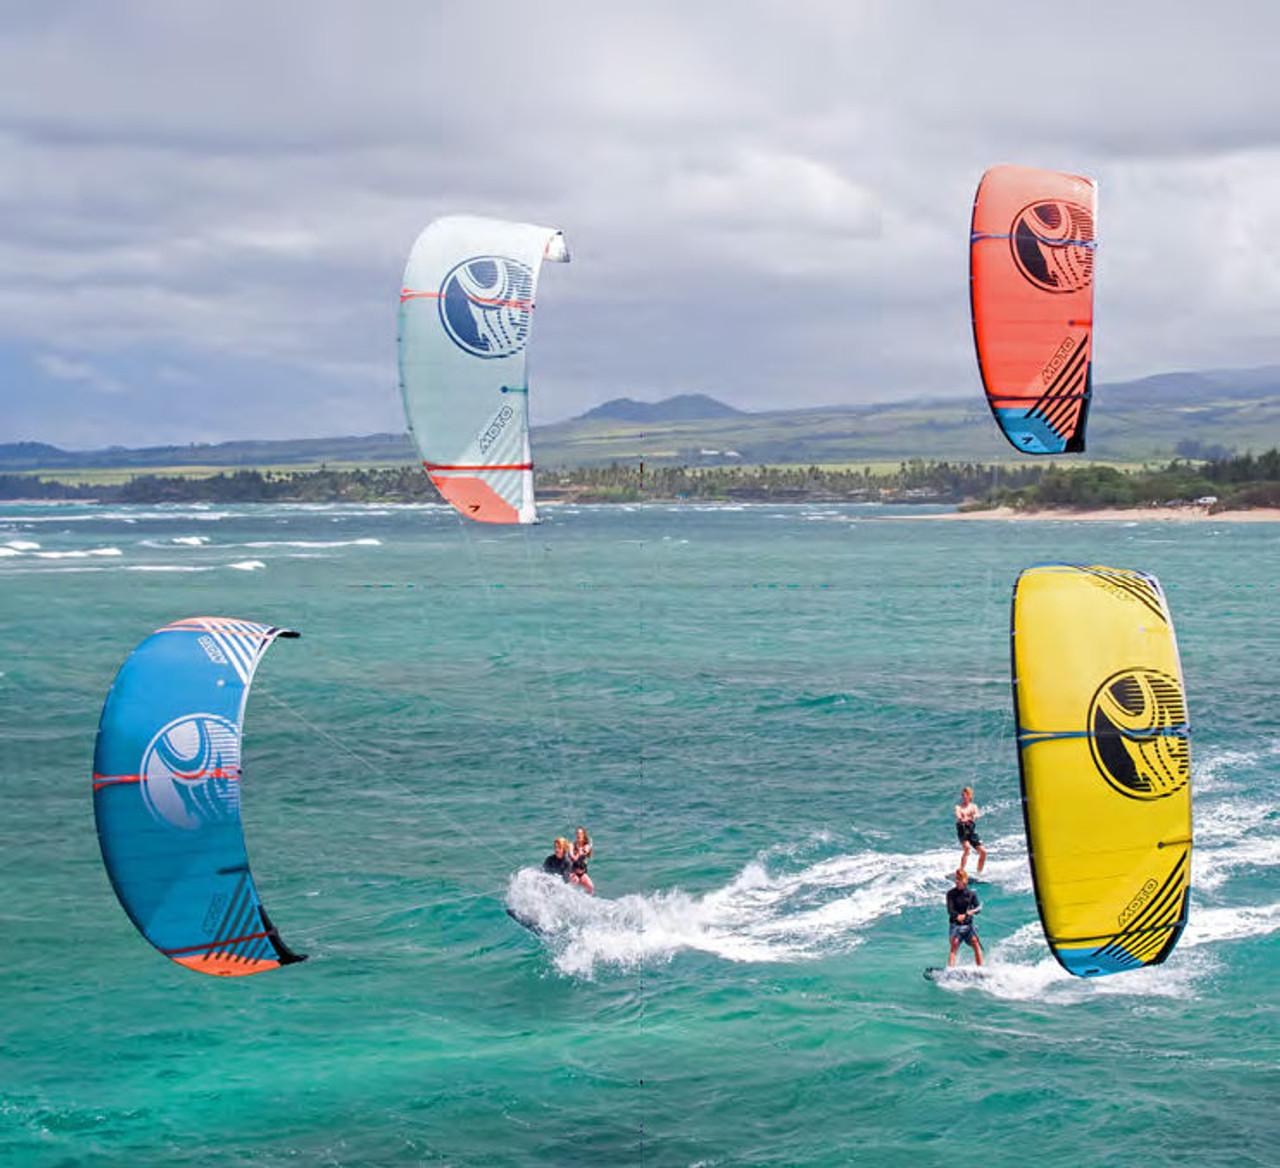 Cabrinha MOTO KO C1 BLUE 2020 12.0  Kite Only  kitesurfing FREERIDE CROSSOVER